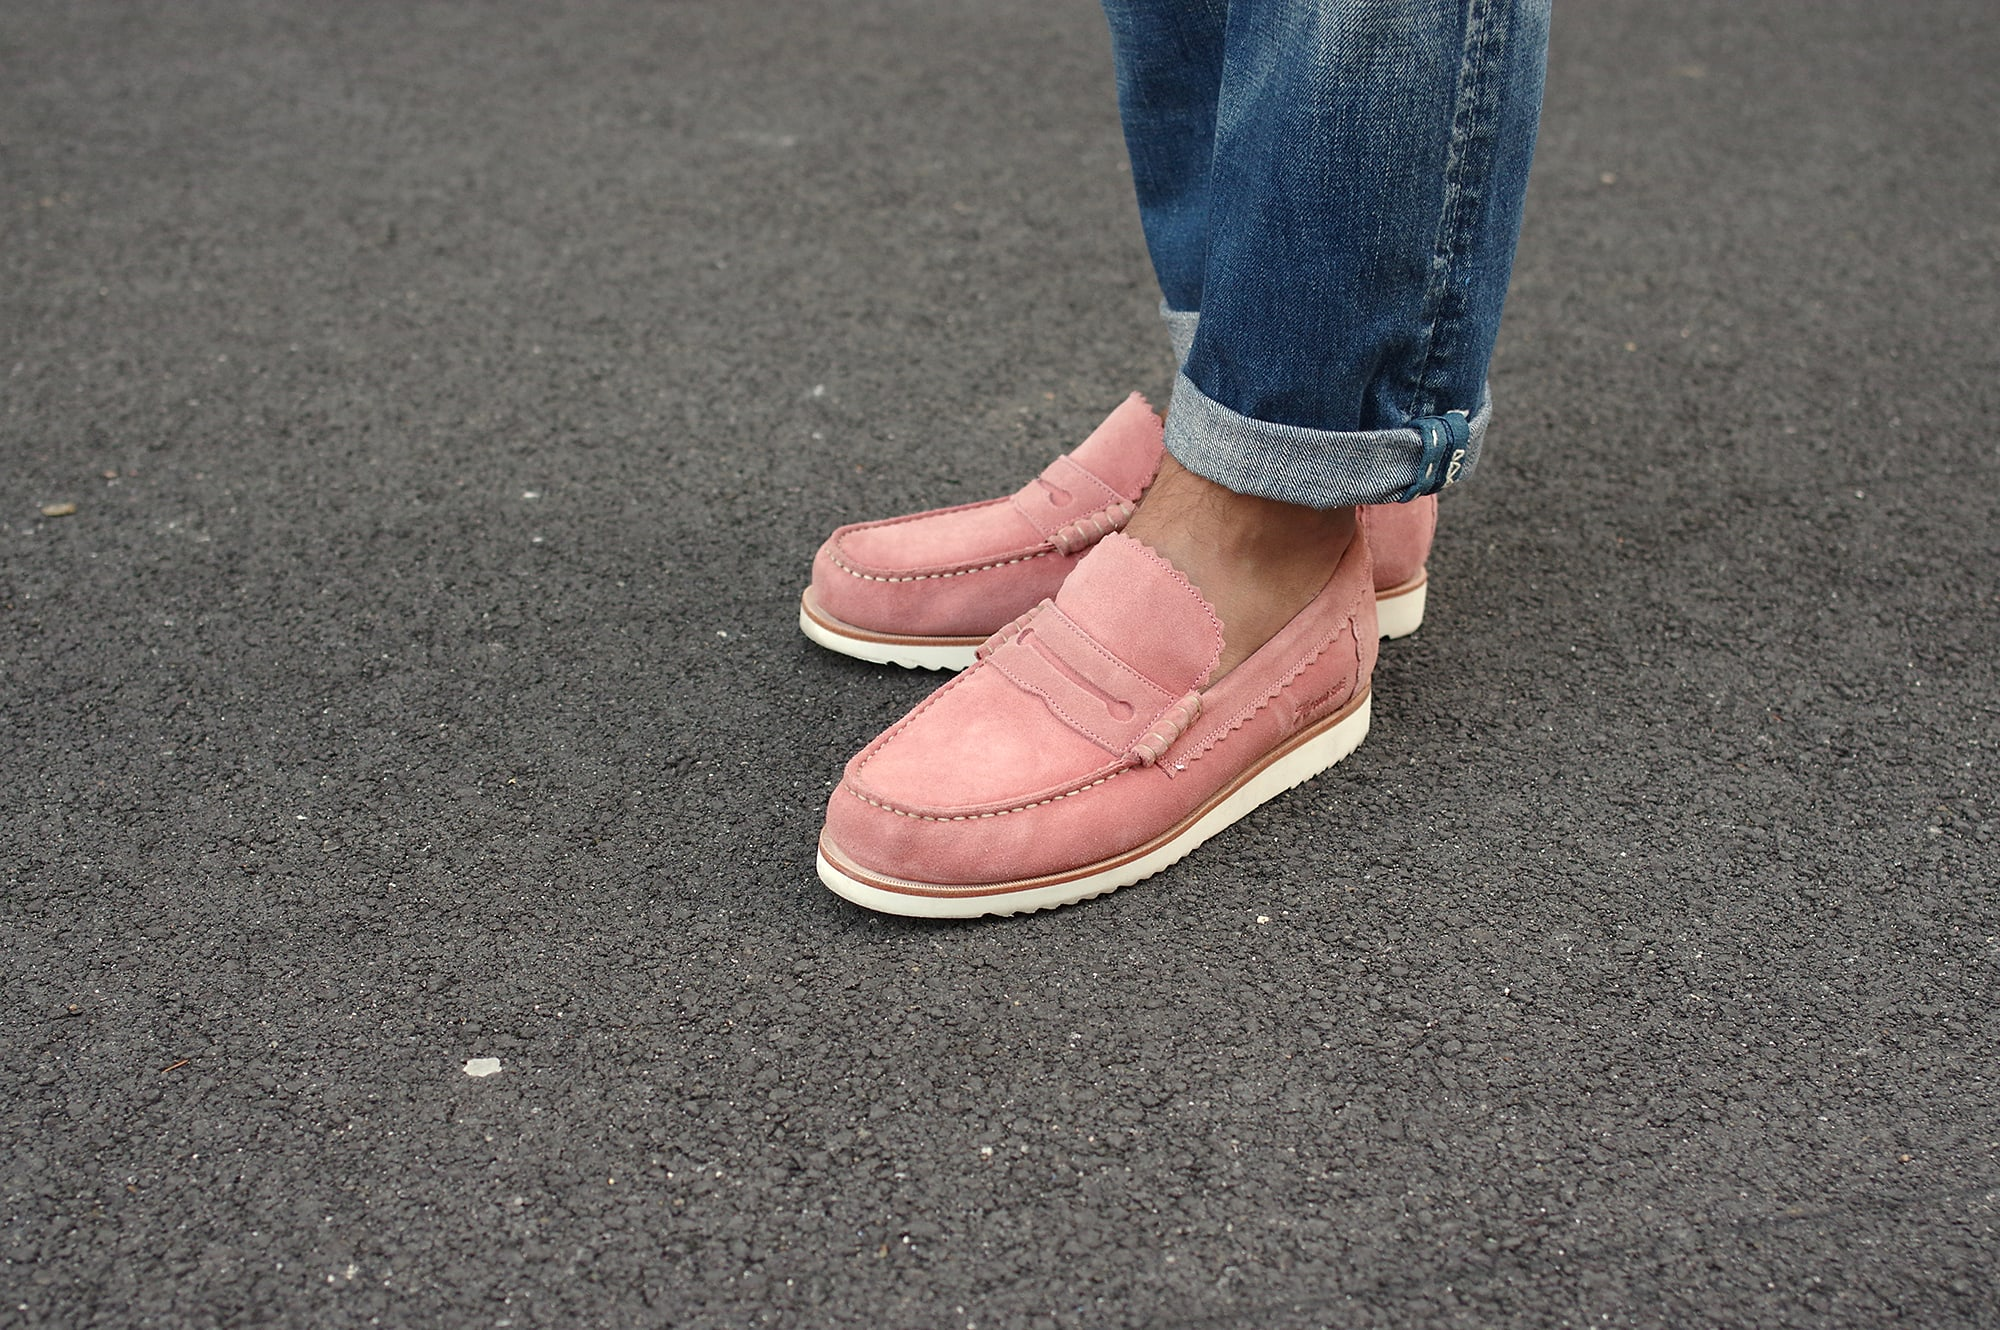 tenue street heritage / workwear construite autour d'une caf jacket Visvim et une paire de Grenson Ashley pink loafers venant de l outlet